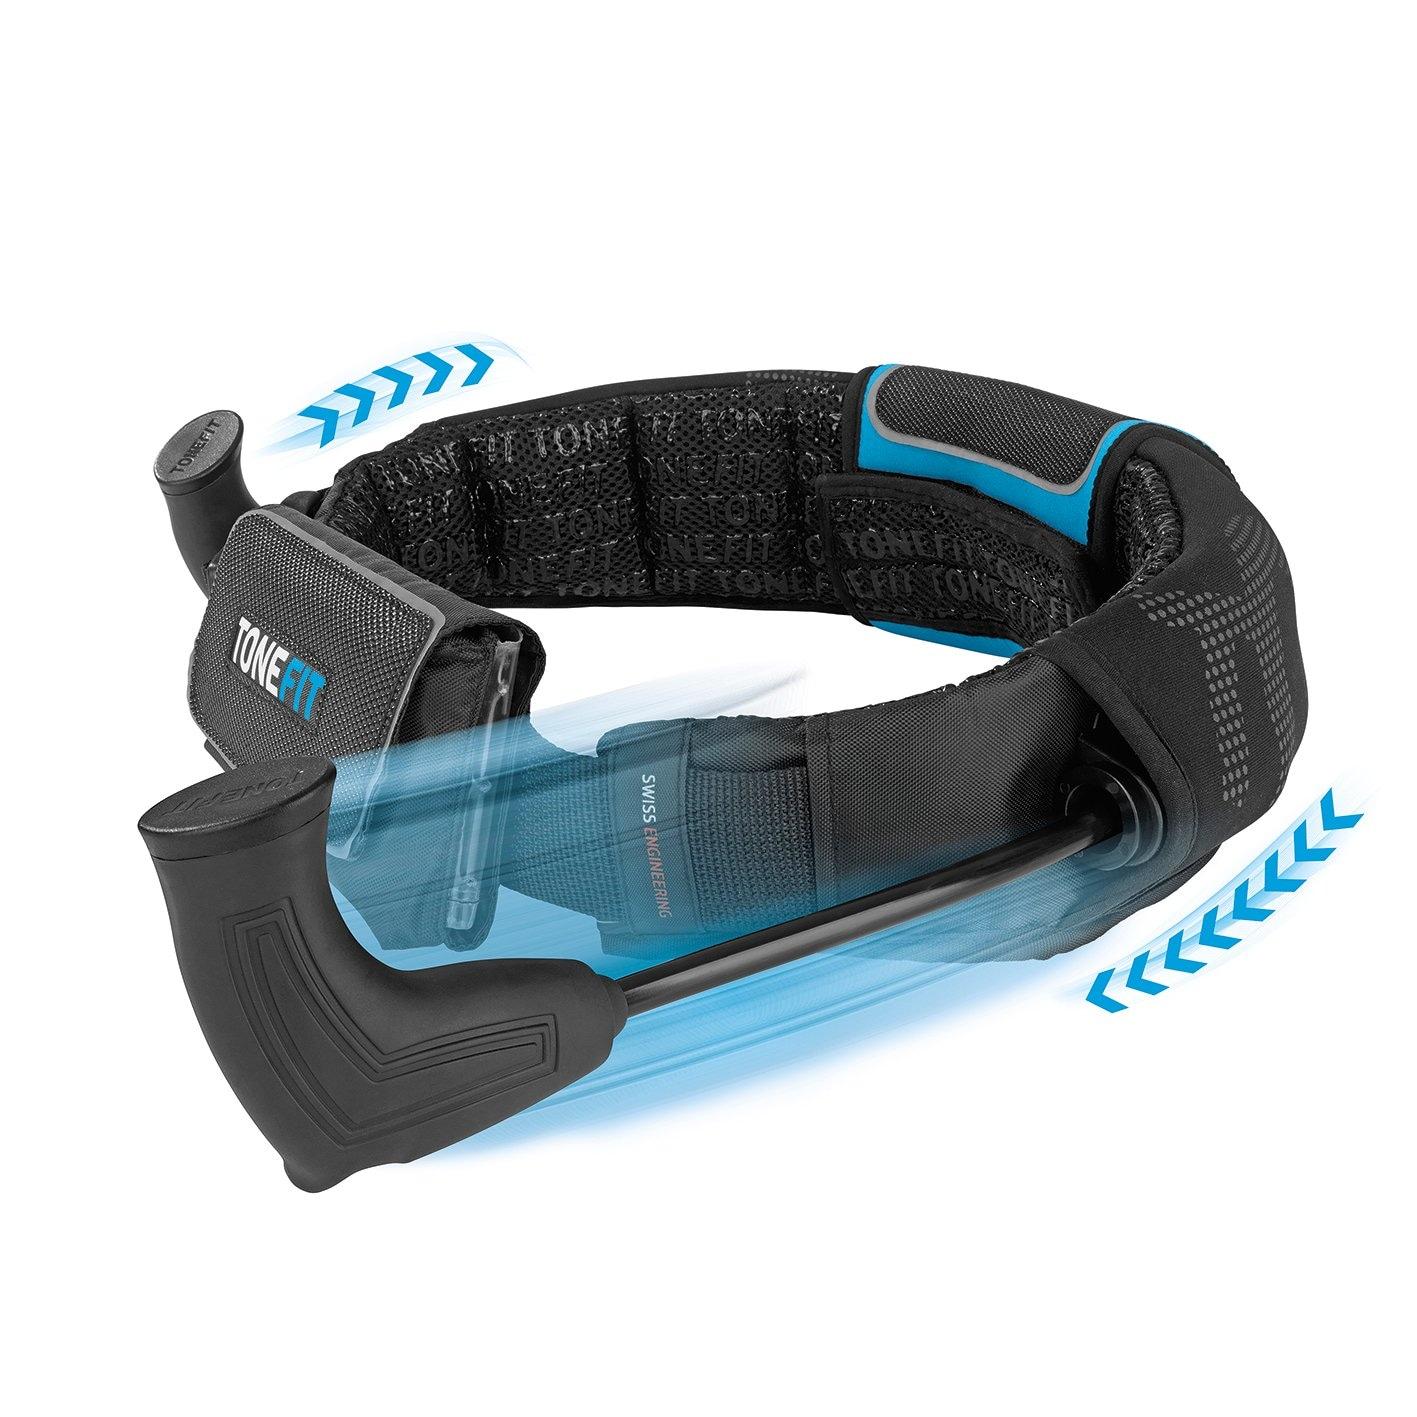 ToneFit Fitnessgürtel für einfaches Ganzkörpertraining beim Laufsport